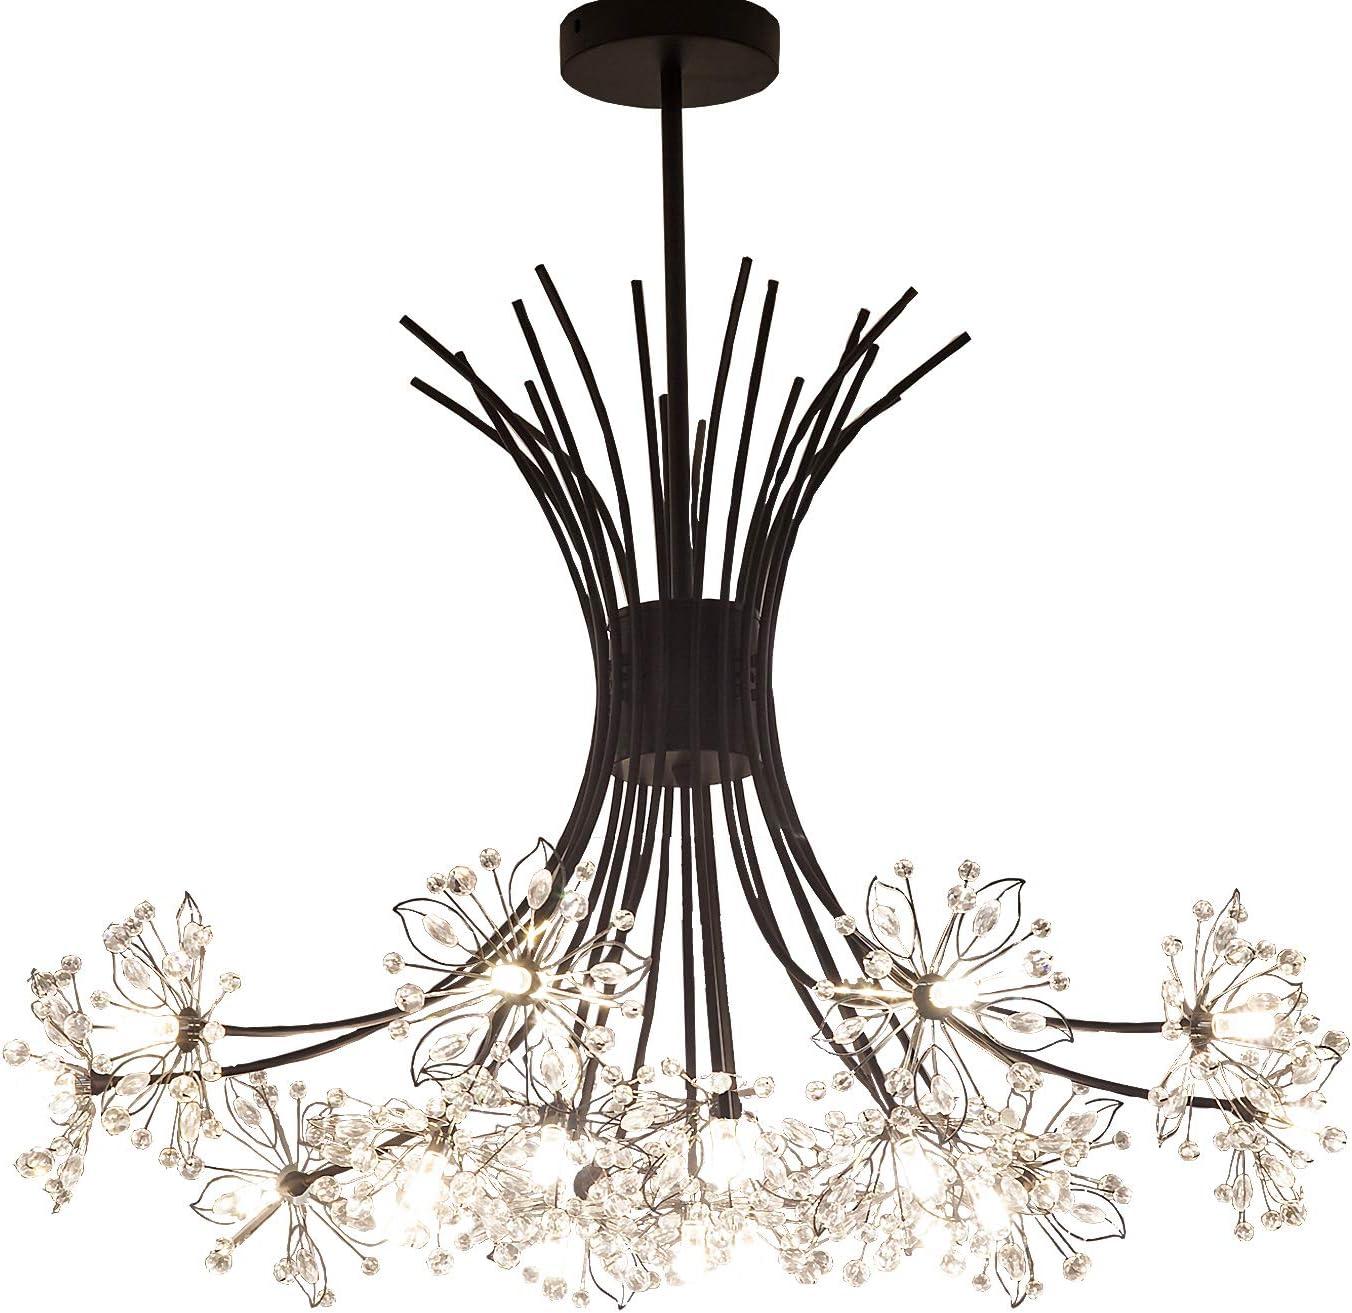 Garwarm Modern Firework Store Chandeliers Chandelier Max 46% OFF Dandelion Crystal